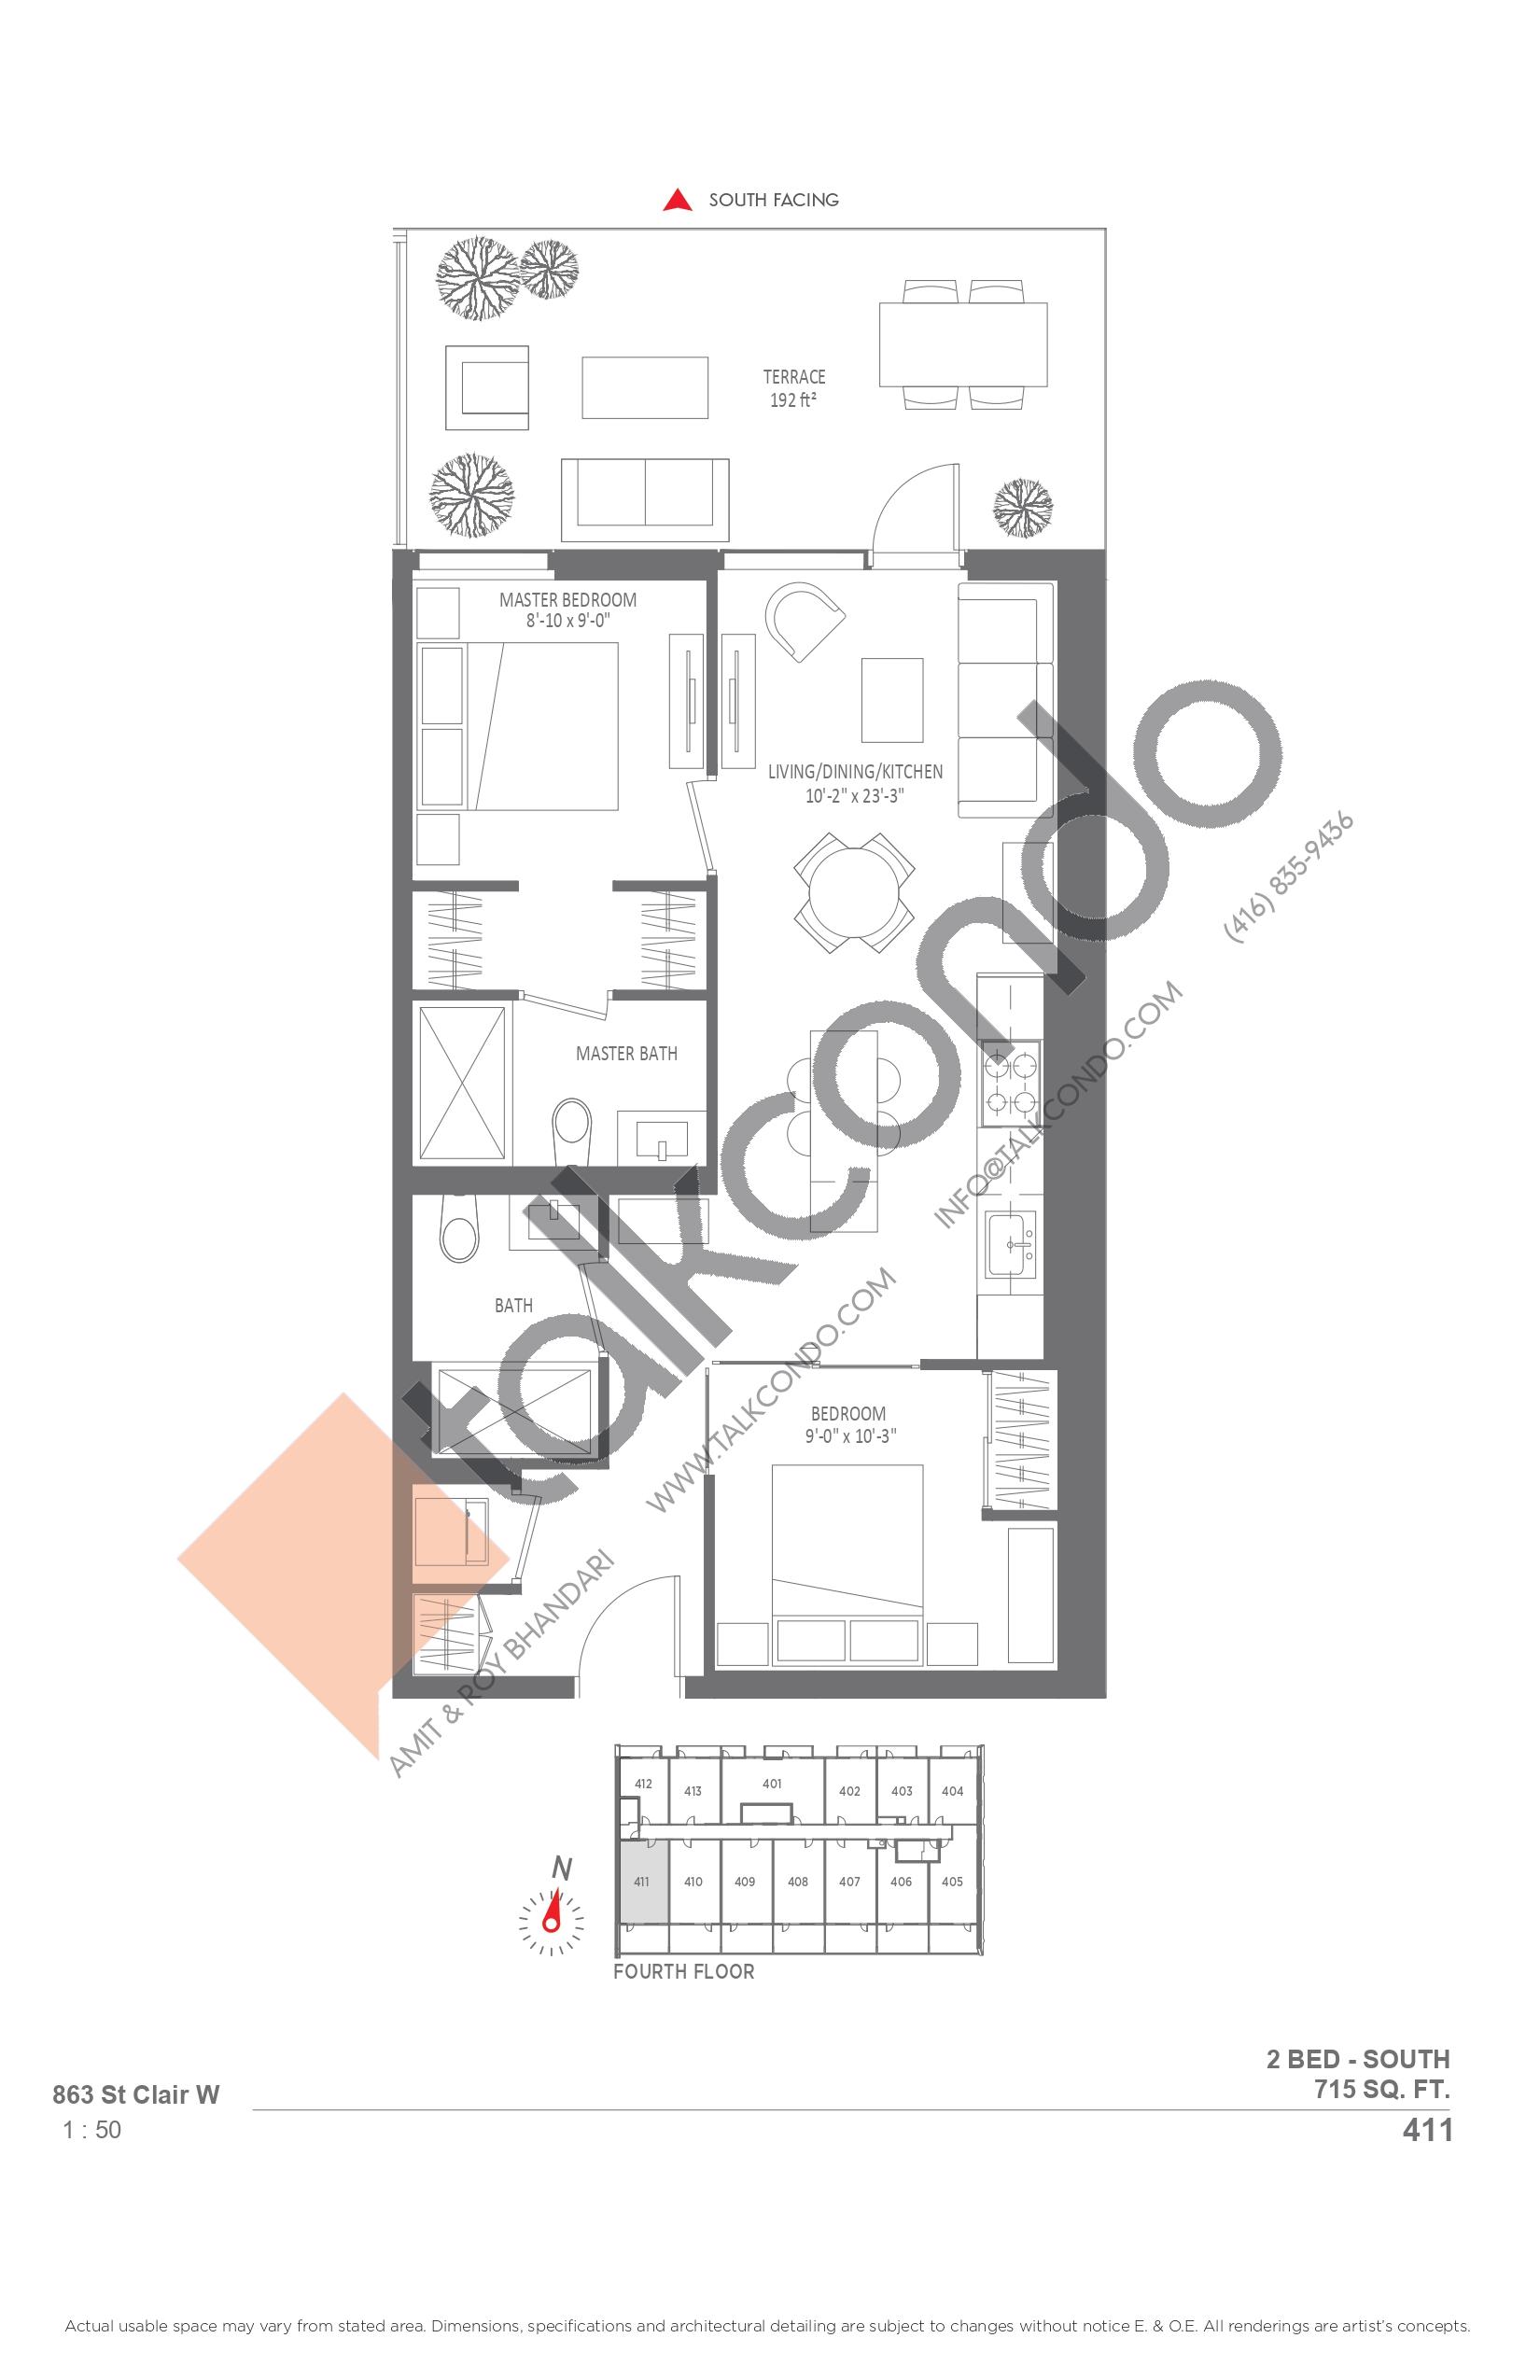 411 Floor Plan at Monza Condos - 715 sq.ft